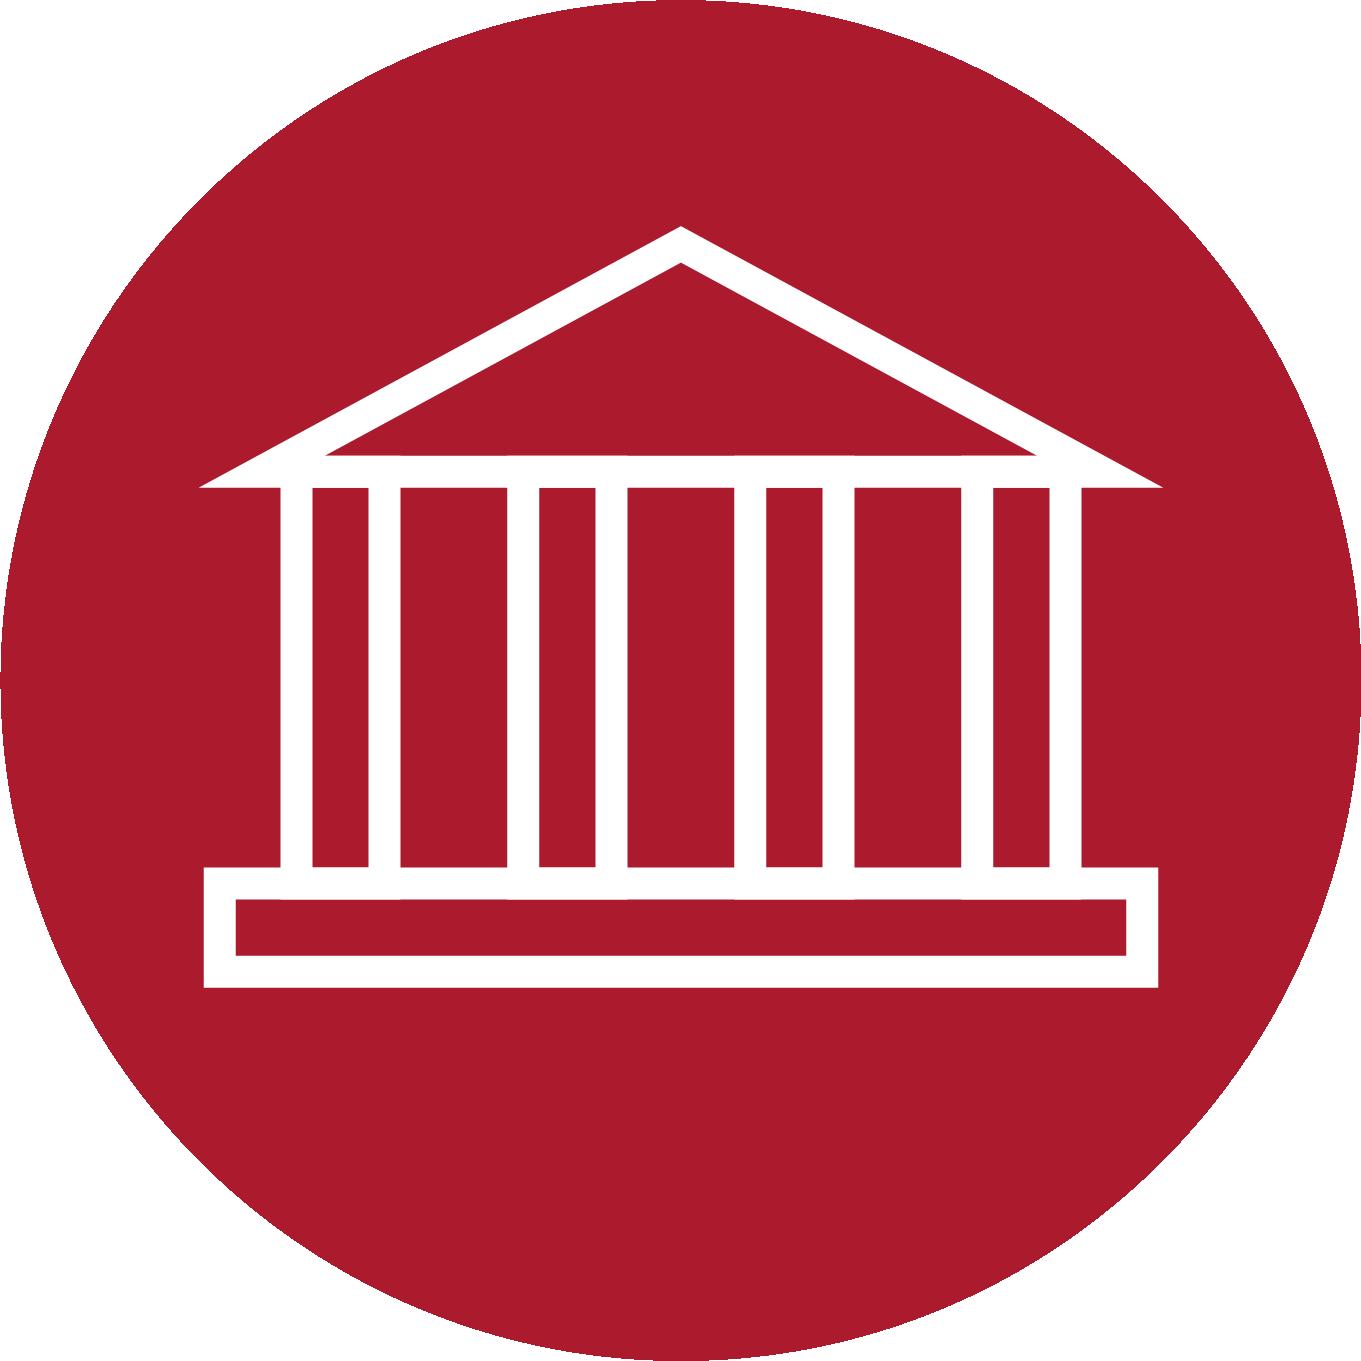 Municipal / Utility Law